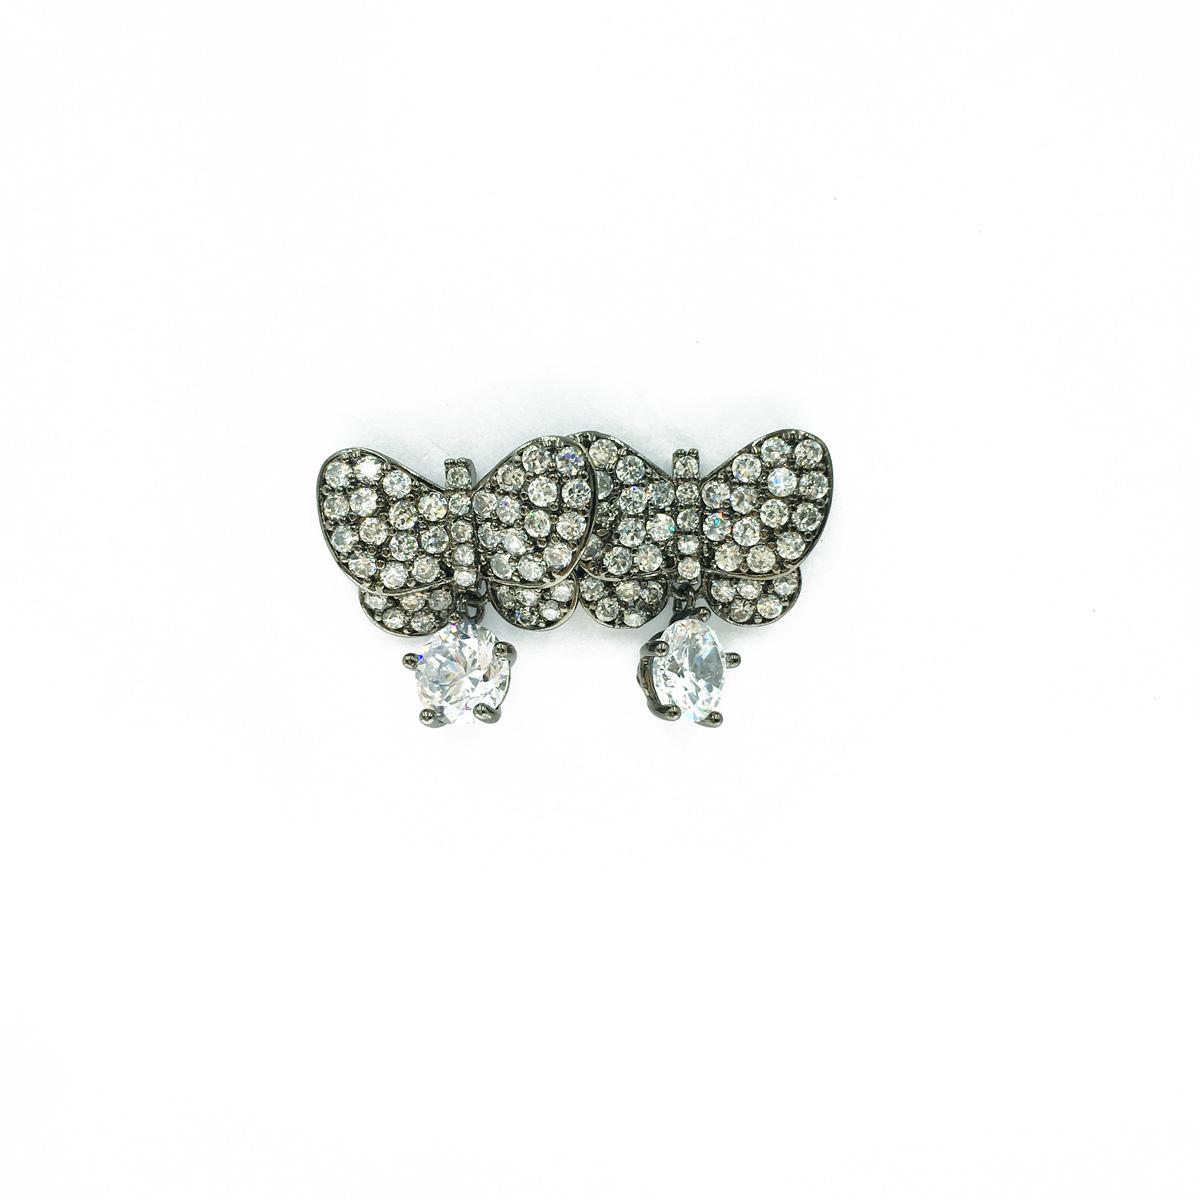 黑蝴蝶 鑲鑽 水鑽 白鑽 垂墜 單顆鑽 高貴款 耳針耳環 採用施華洛世奇水晶元素 Crystals from Swarovski